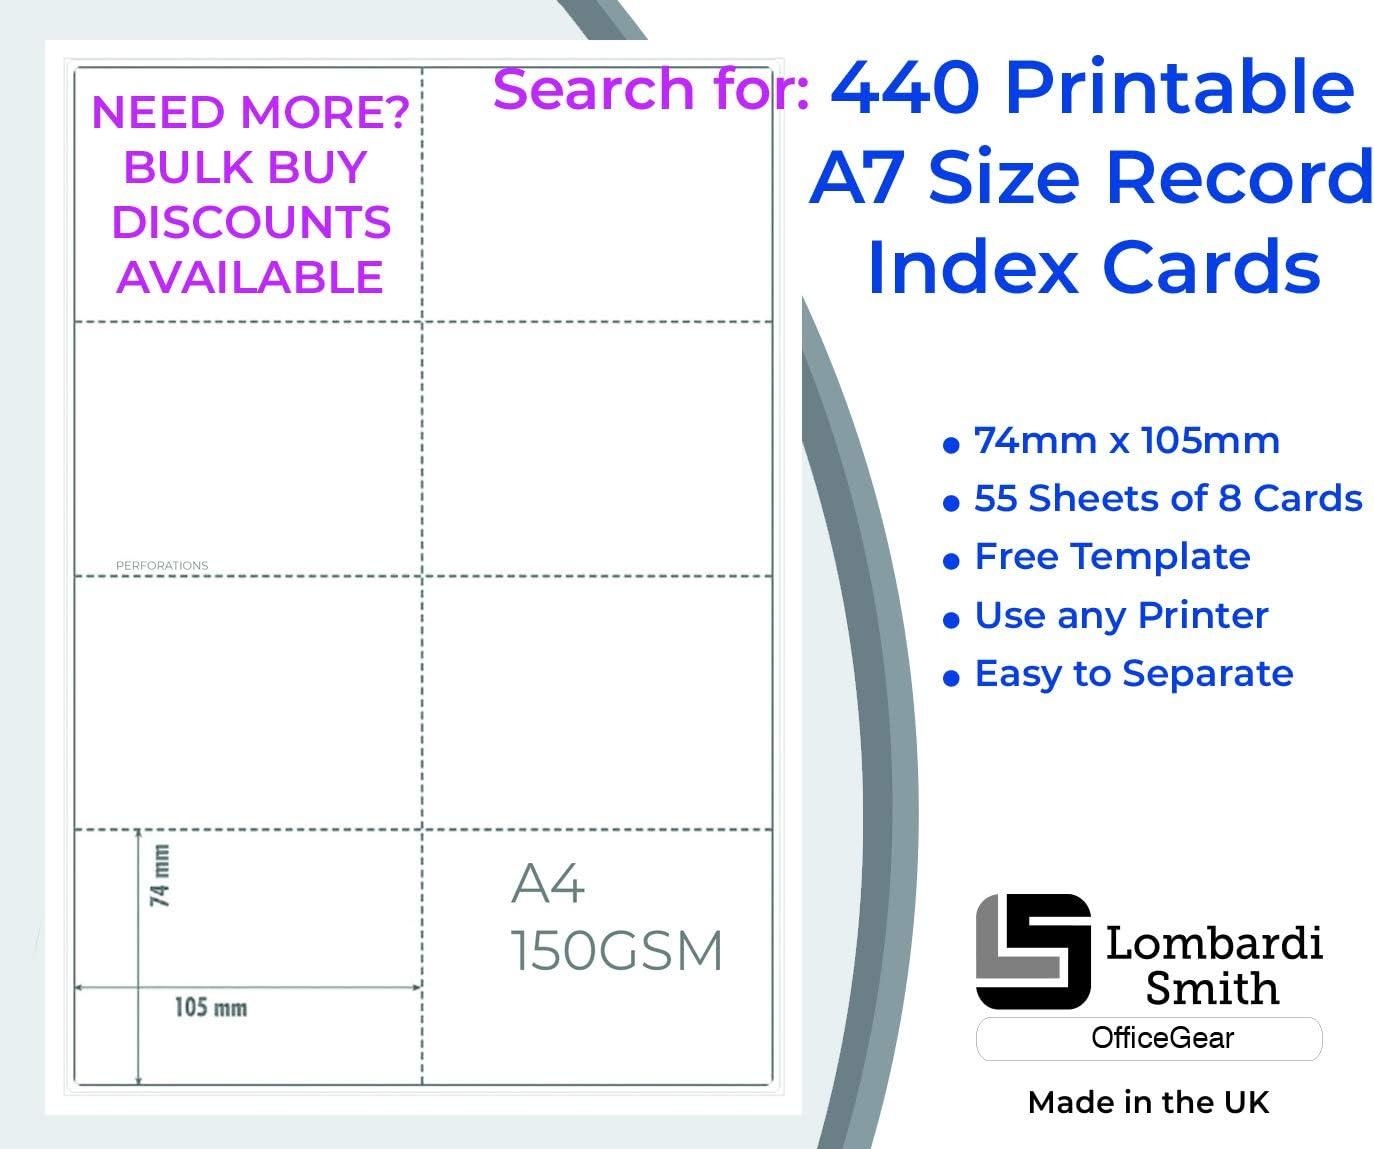 25 Blatt 200 Karten 8 Karten pro wei/ßem A4 Blatt 150 gsm OfficeGear A7 Karte perforiert bedruckbare Plattenregister Lernkarten 74 x 105 mm